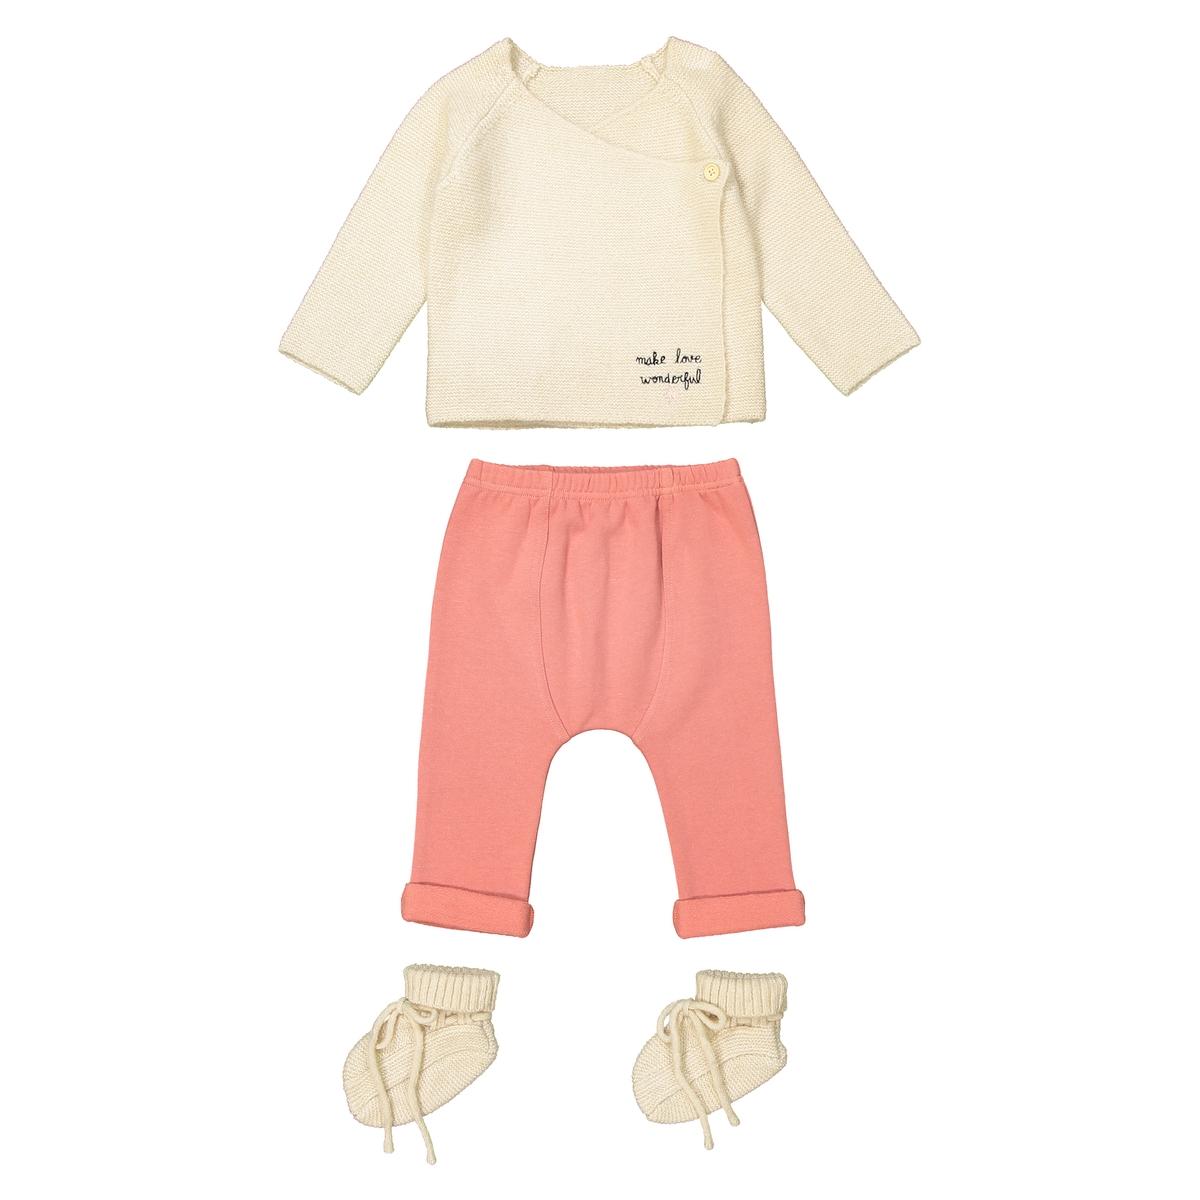 Комплект из предметов для La Redoute Новорожденных - до лет рожденные раньше срока - 45 см розовый комплект из боди для la redoute новорожденных мес года рожденные раньше срока 45 см разноцветный